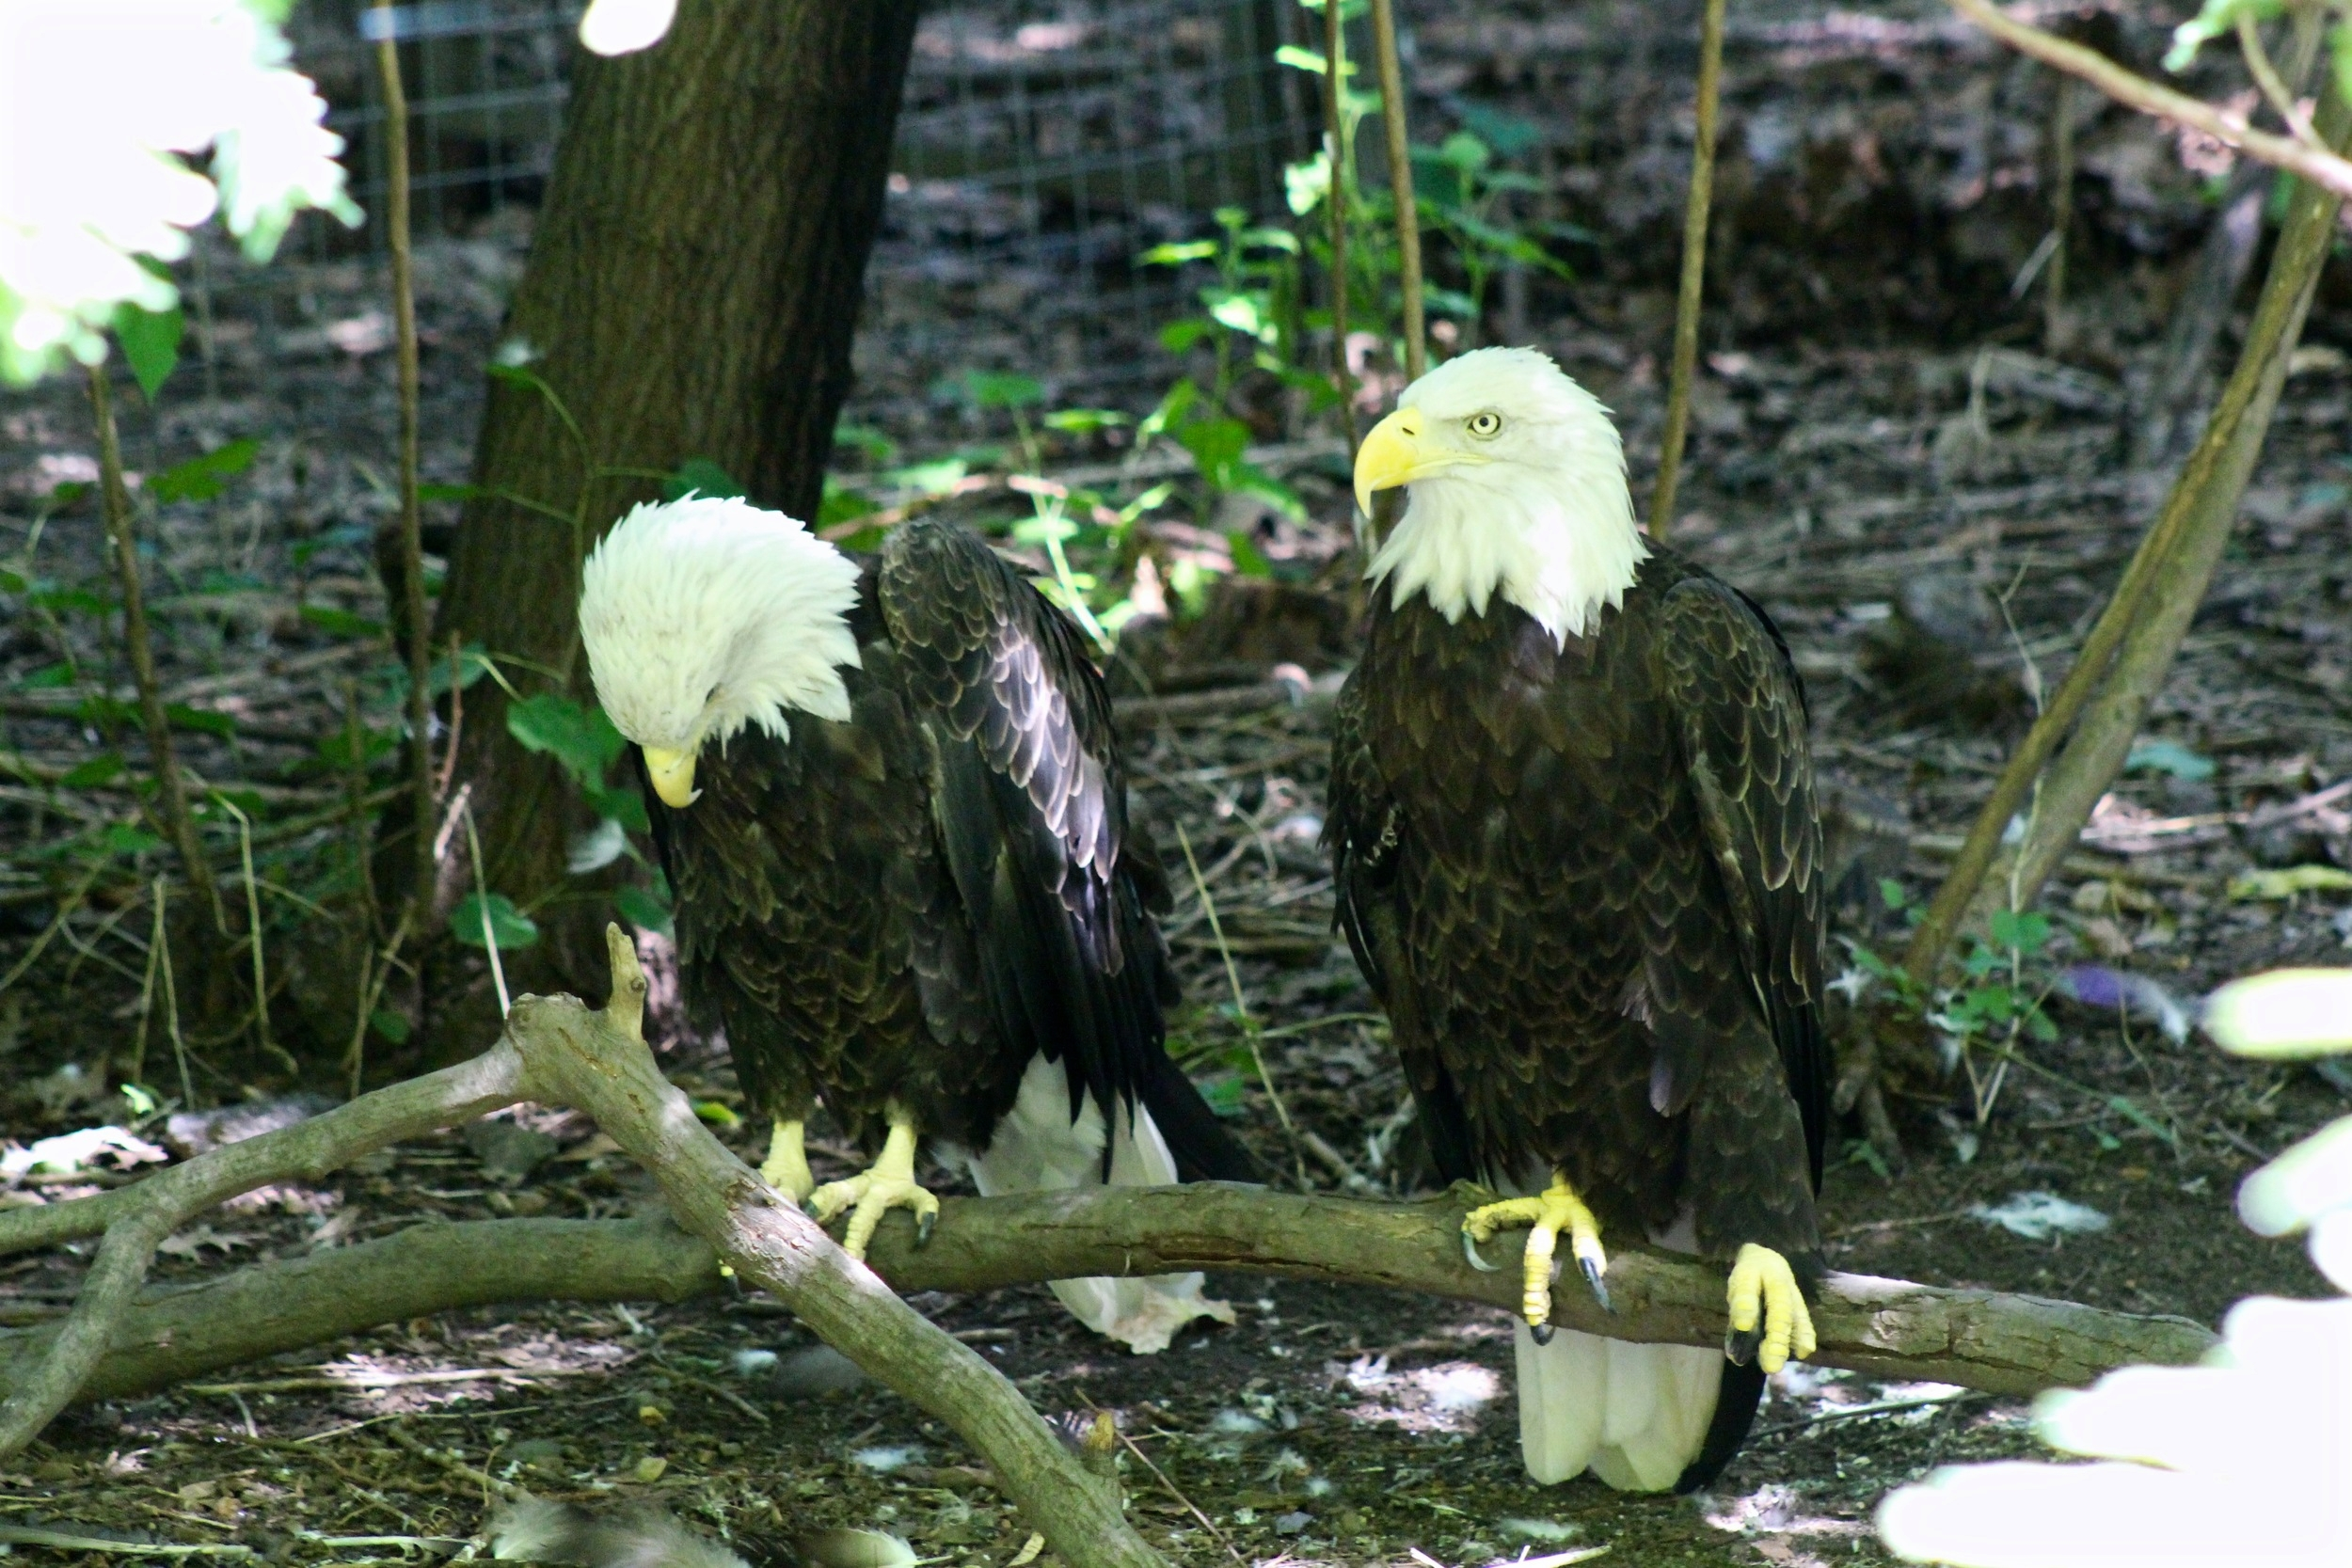 queens zoo bald eagle.jpg